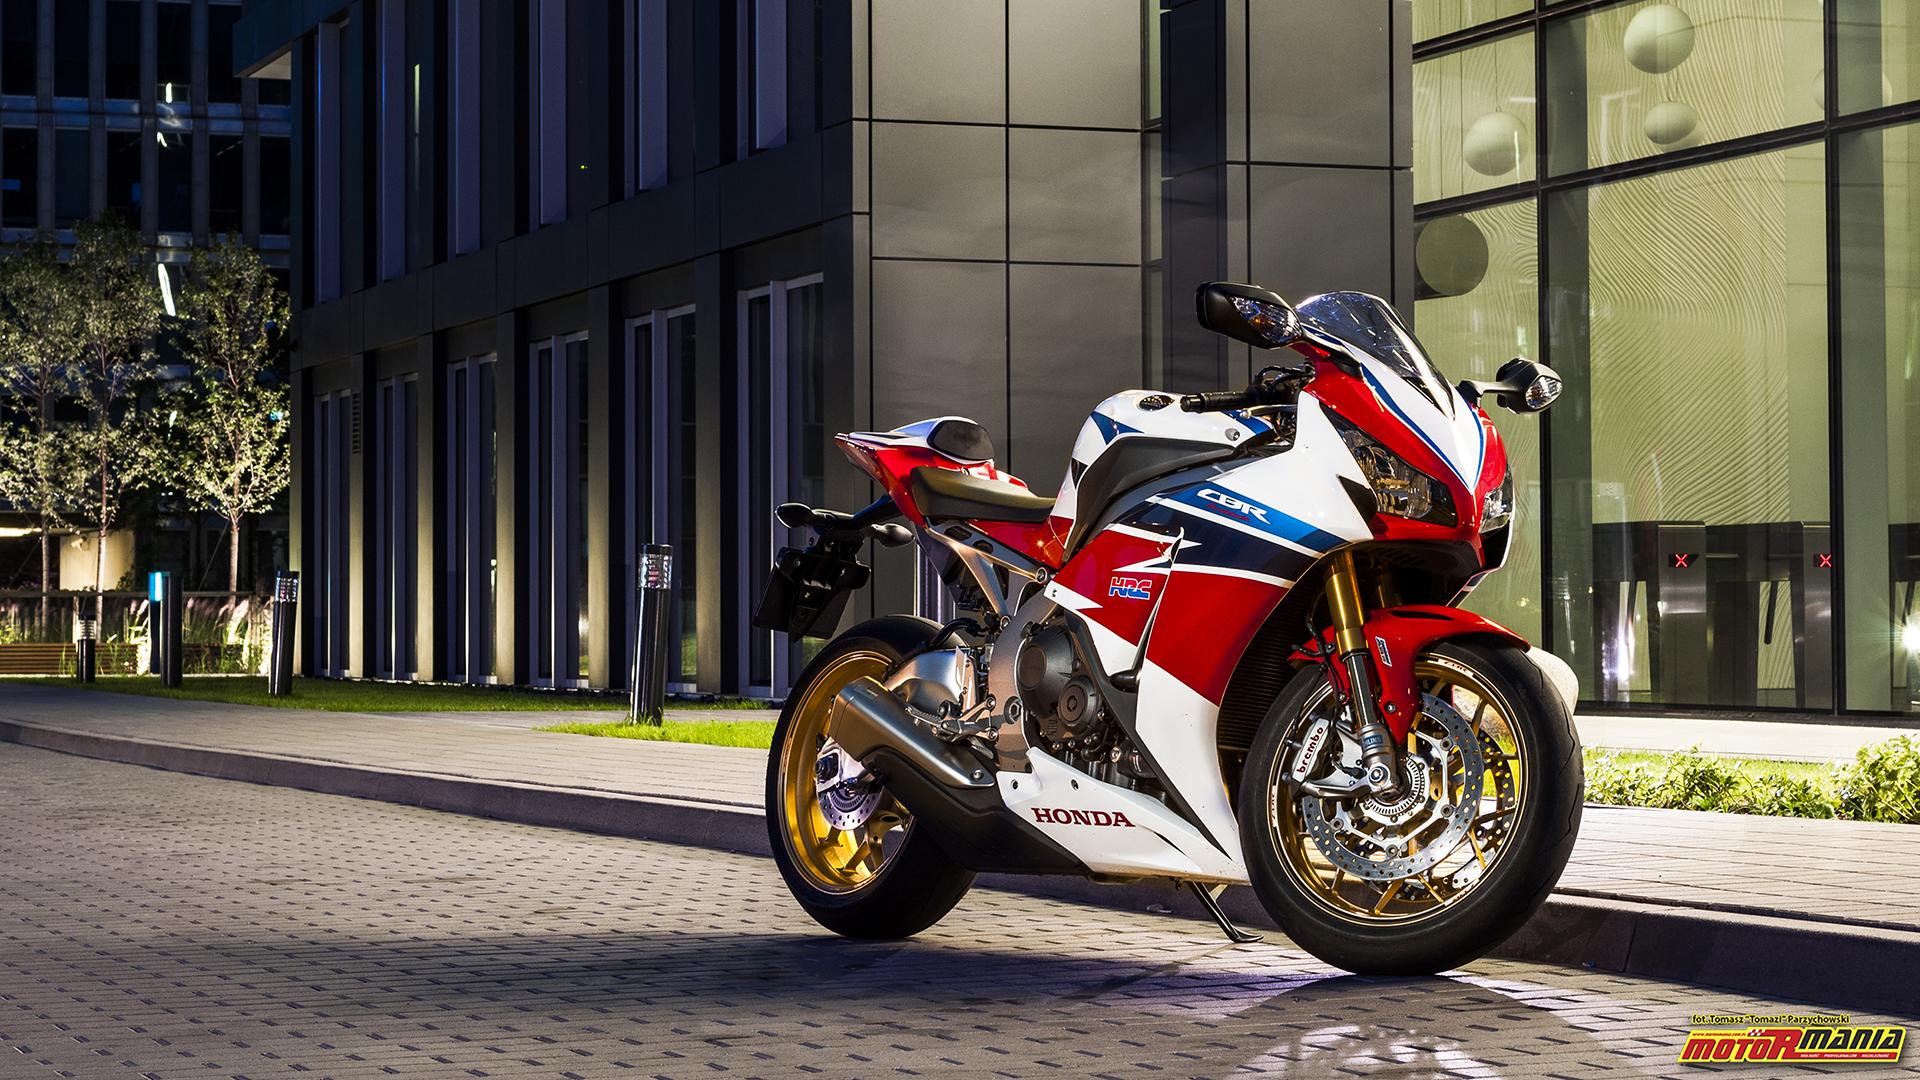 Honda_CBR_Fireblade_SP_1920x1080